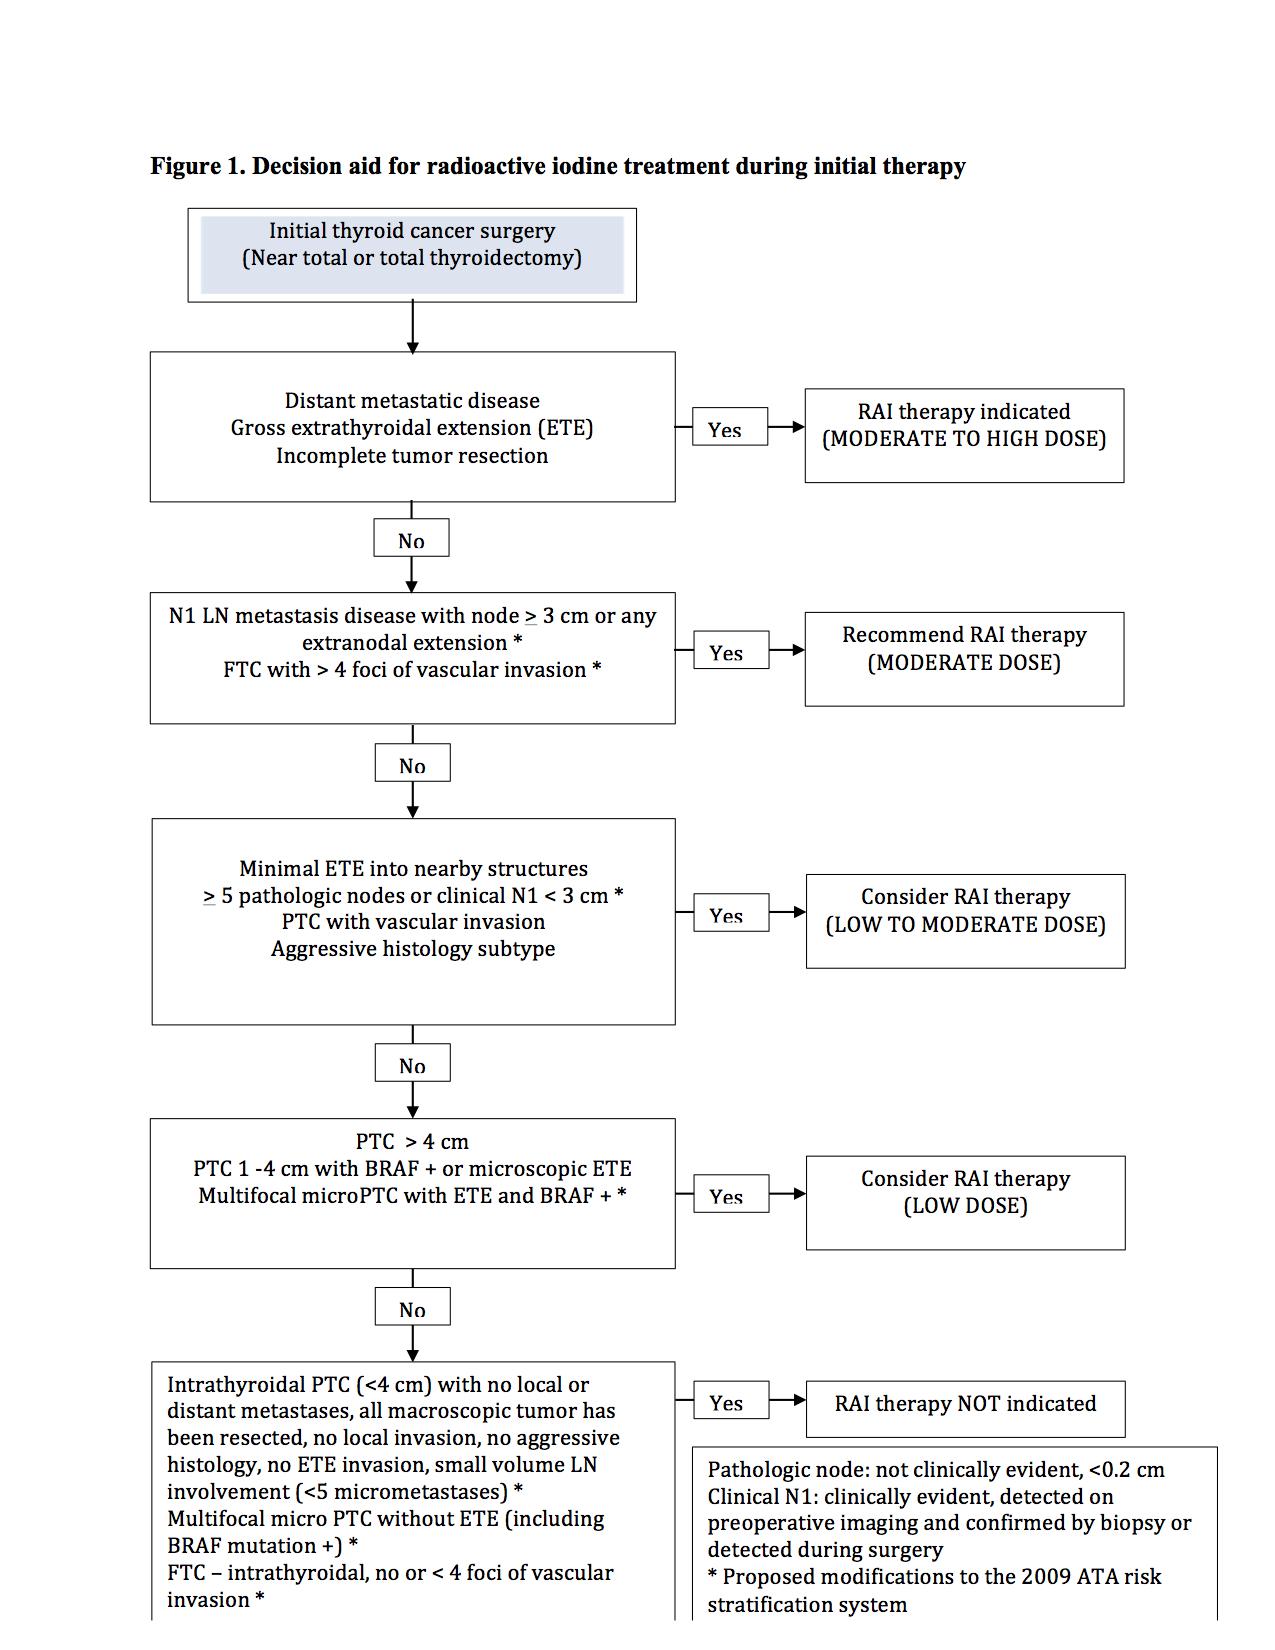 papillary thyroid cancer treatment algorithm